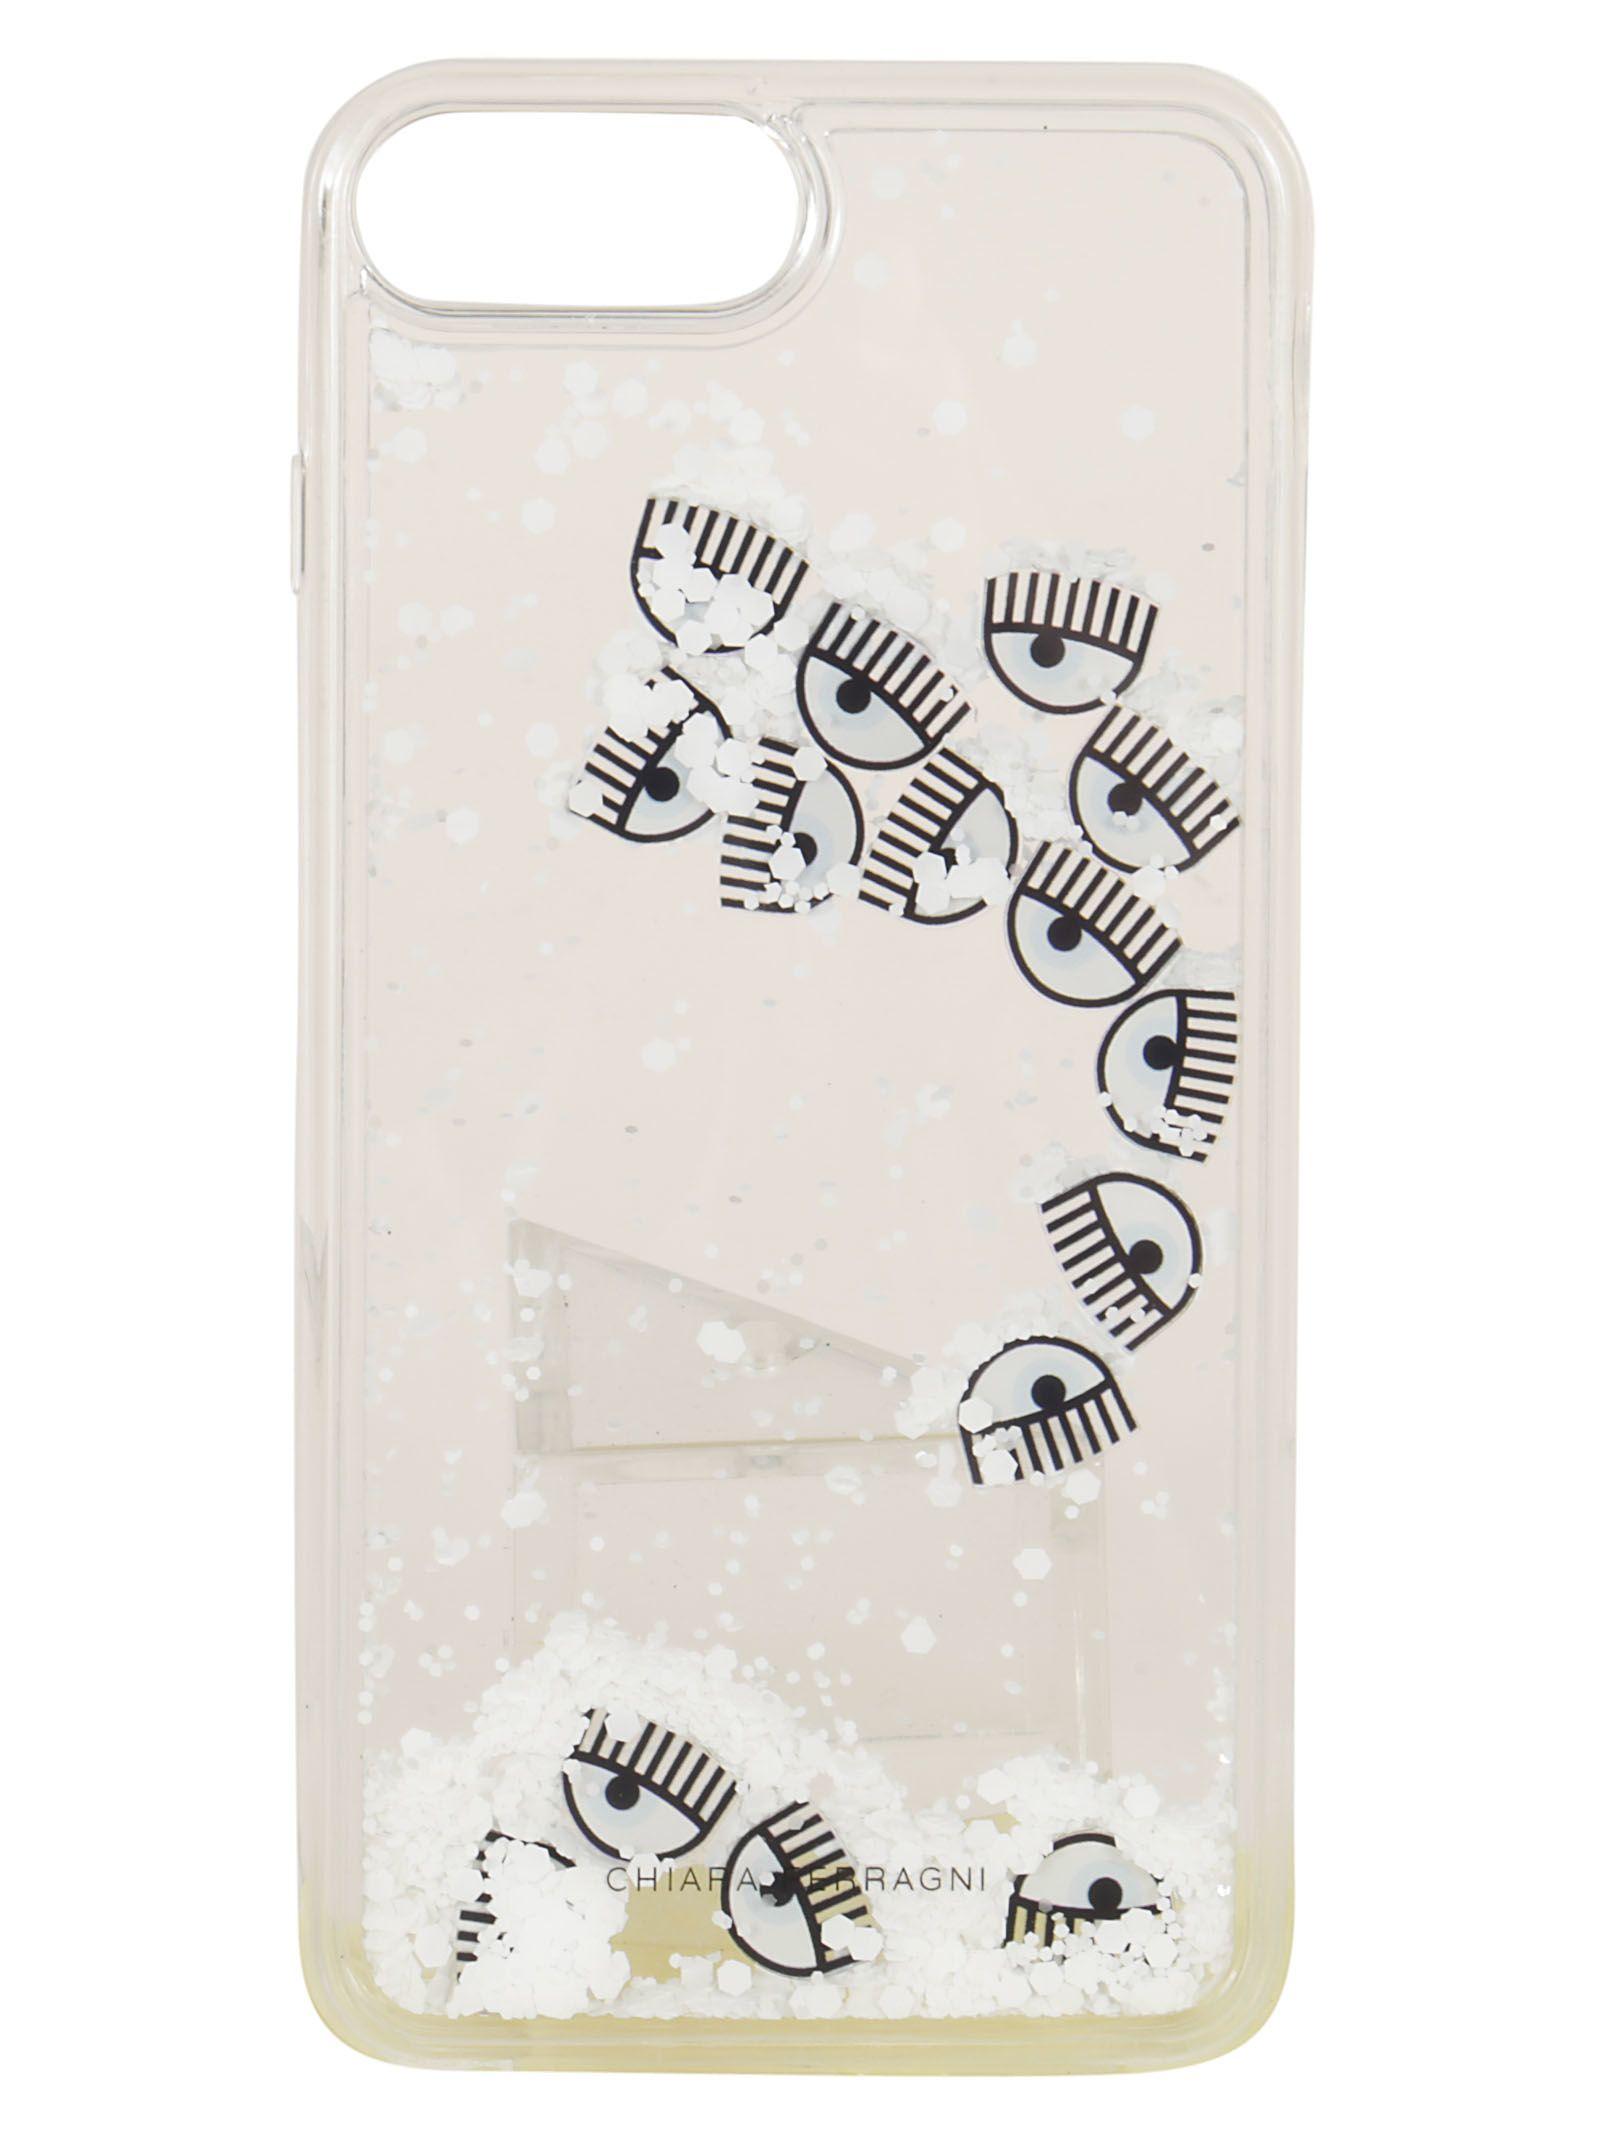 Chiara Ferragni Liquid Glitter Iphone 6-7 Case 10522921